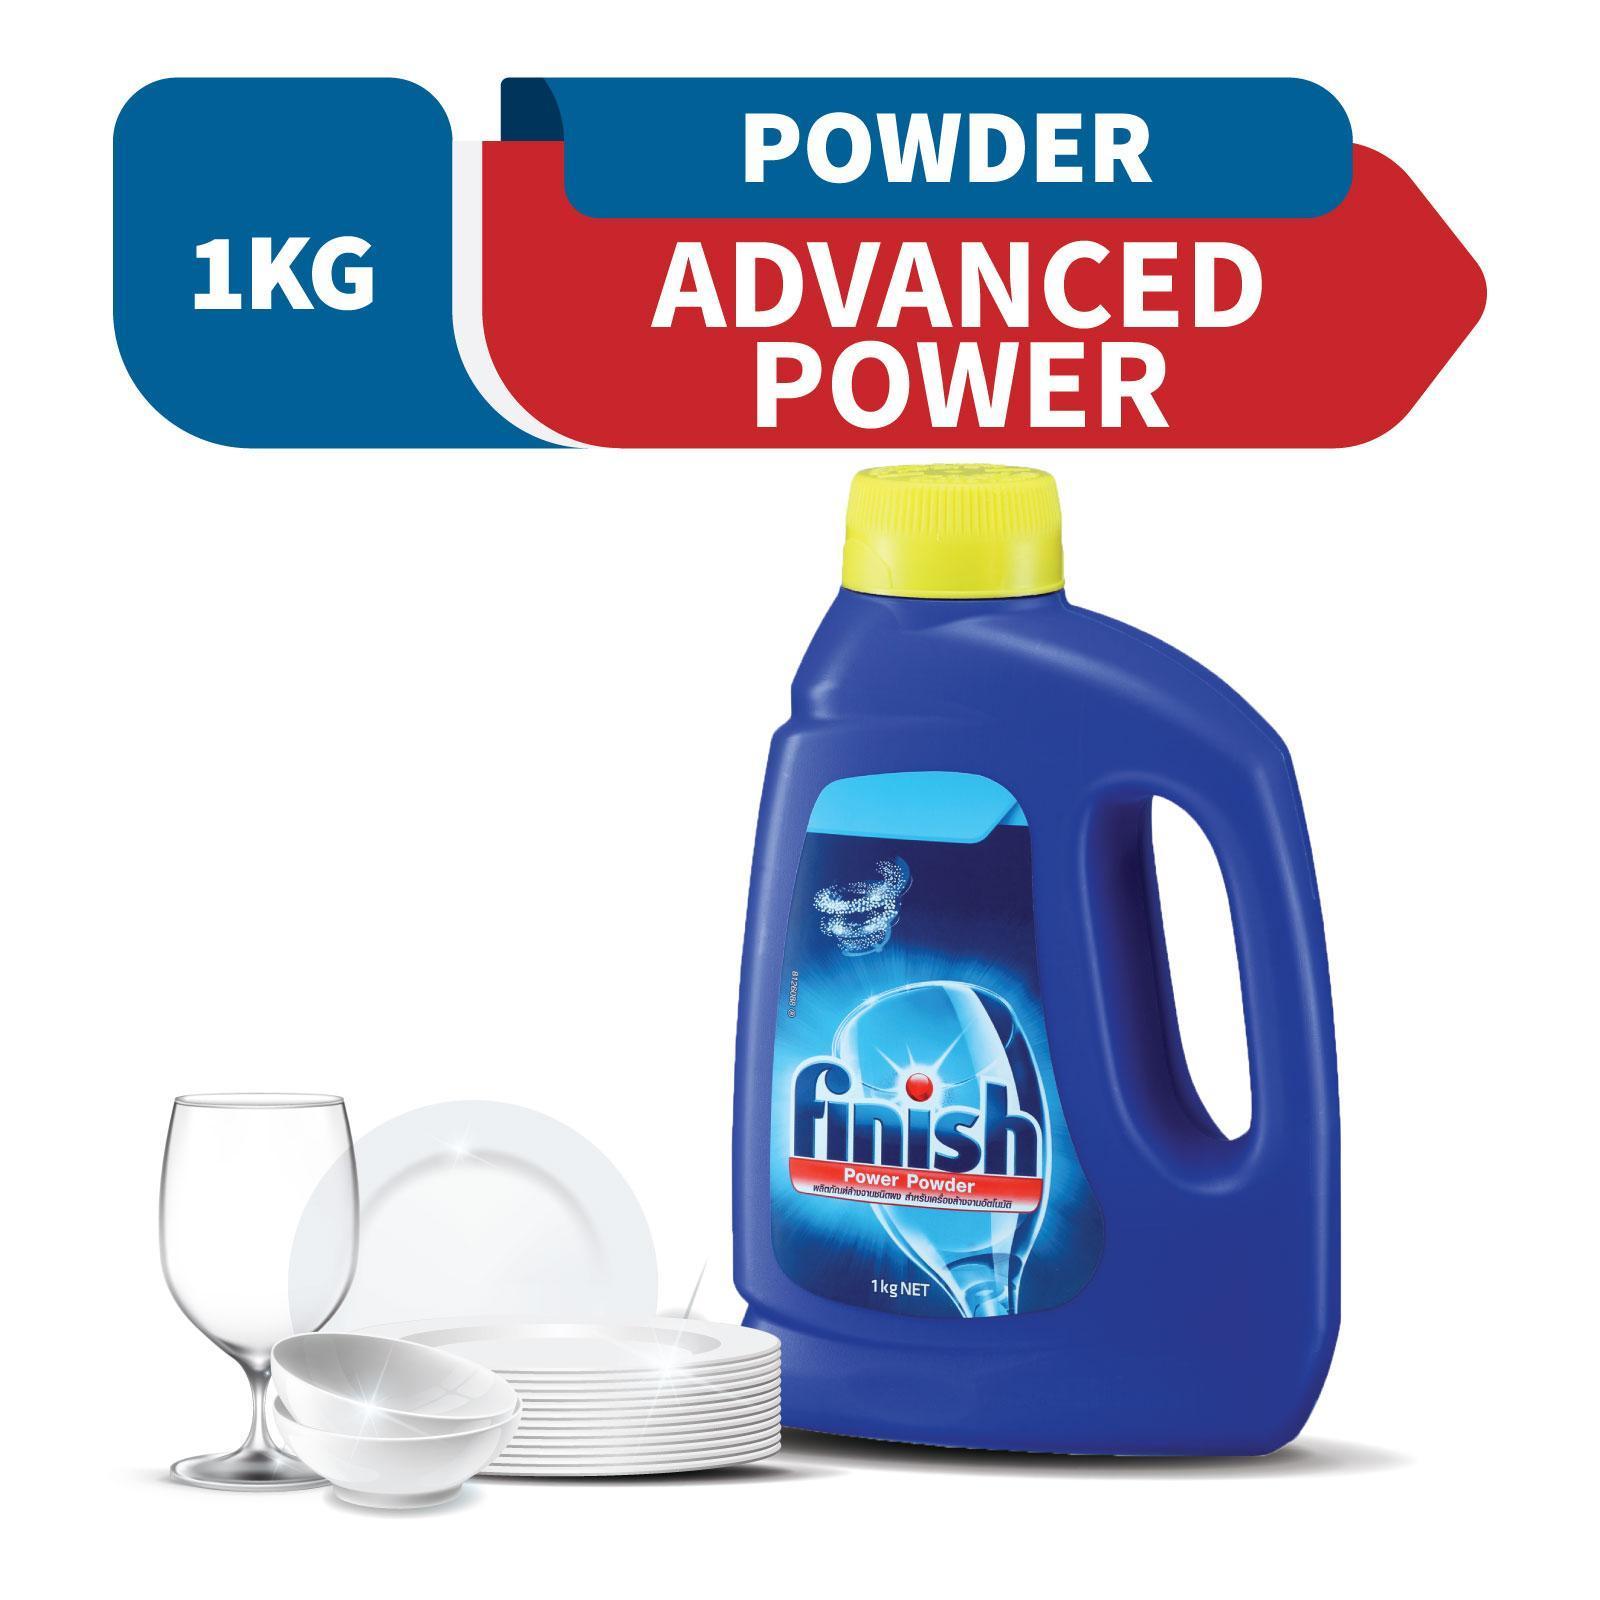 Finish Advanced Power Powder Detergent Dishwasher